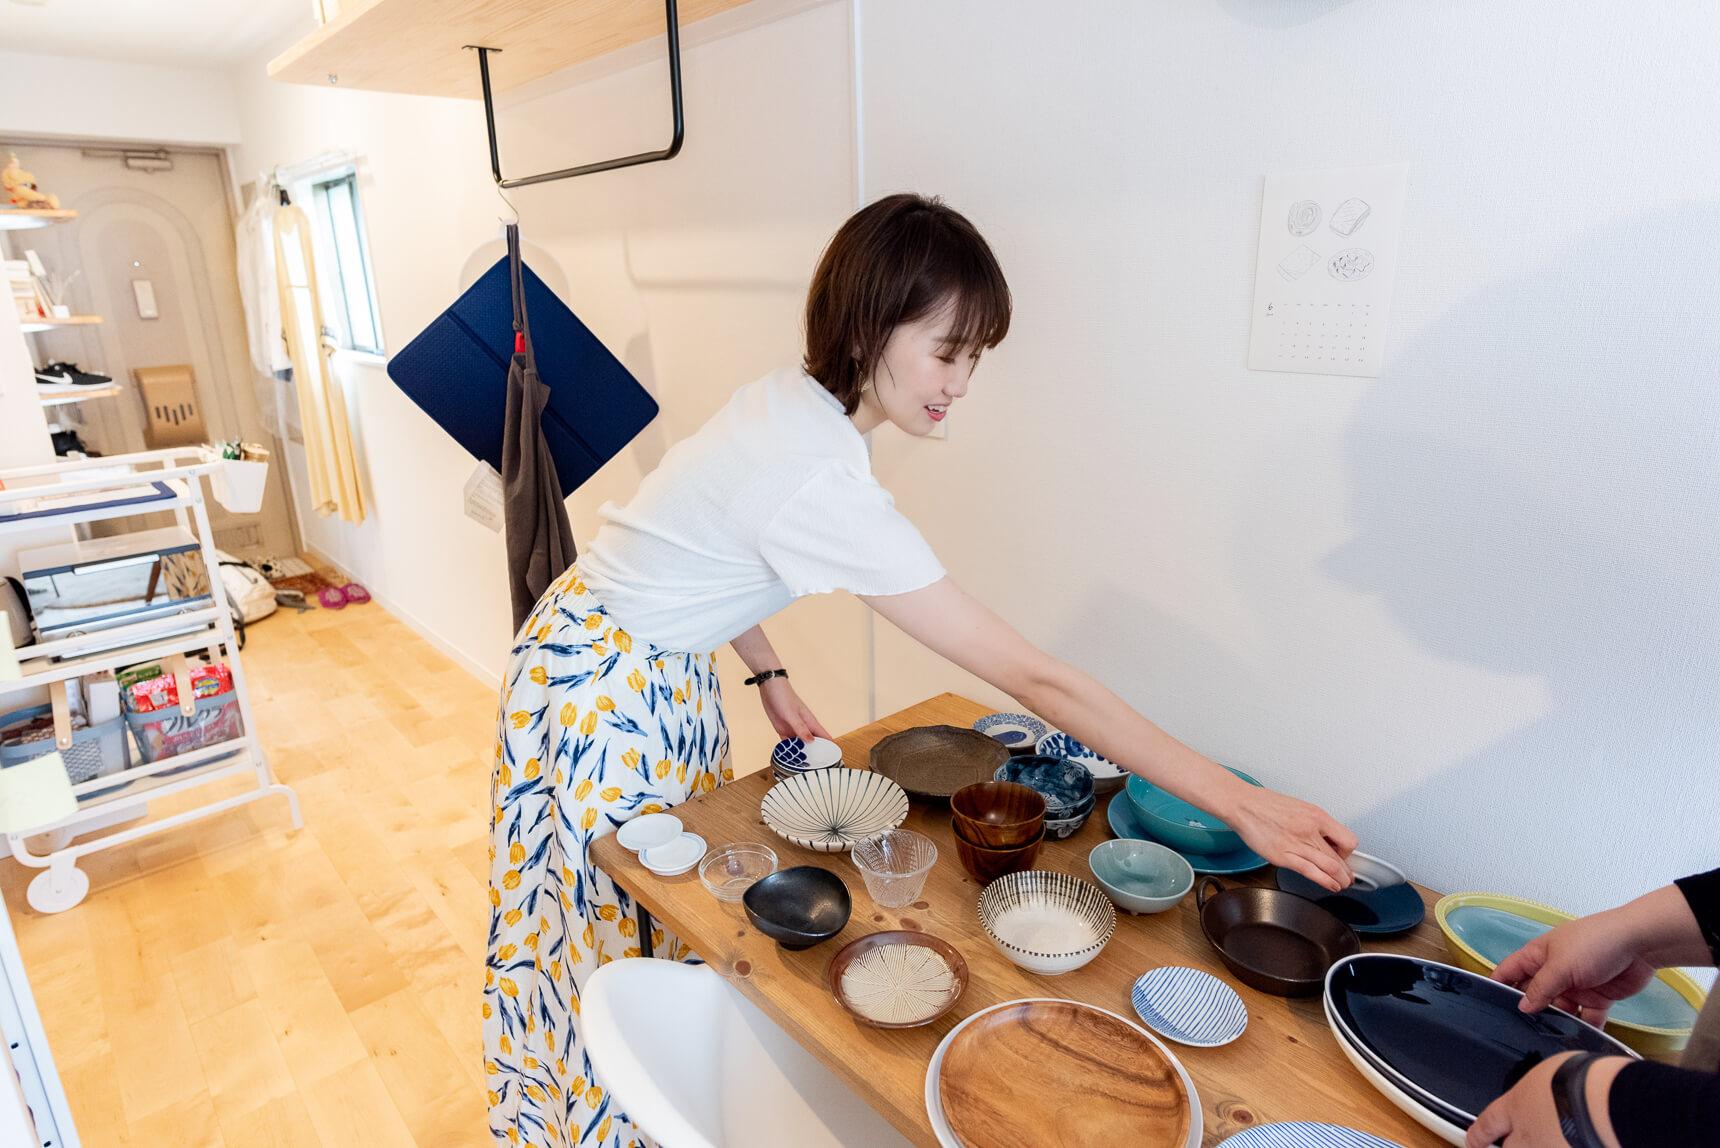 恒例の「集めている/集まっちゃったものを並べてもらう」。そういうもの何かありませんか? とお願いしたところ「お皿……ですかね?」とのこと。さすがだ。